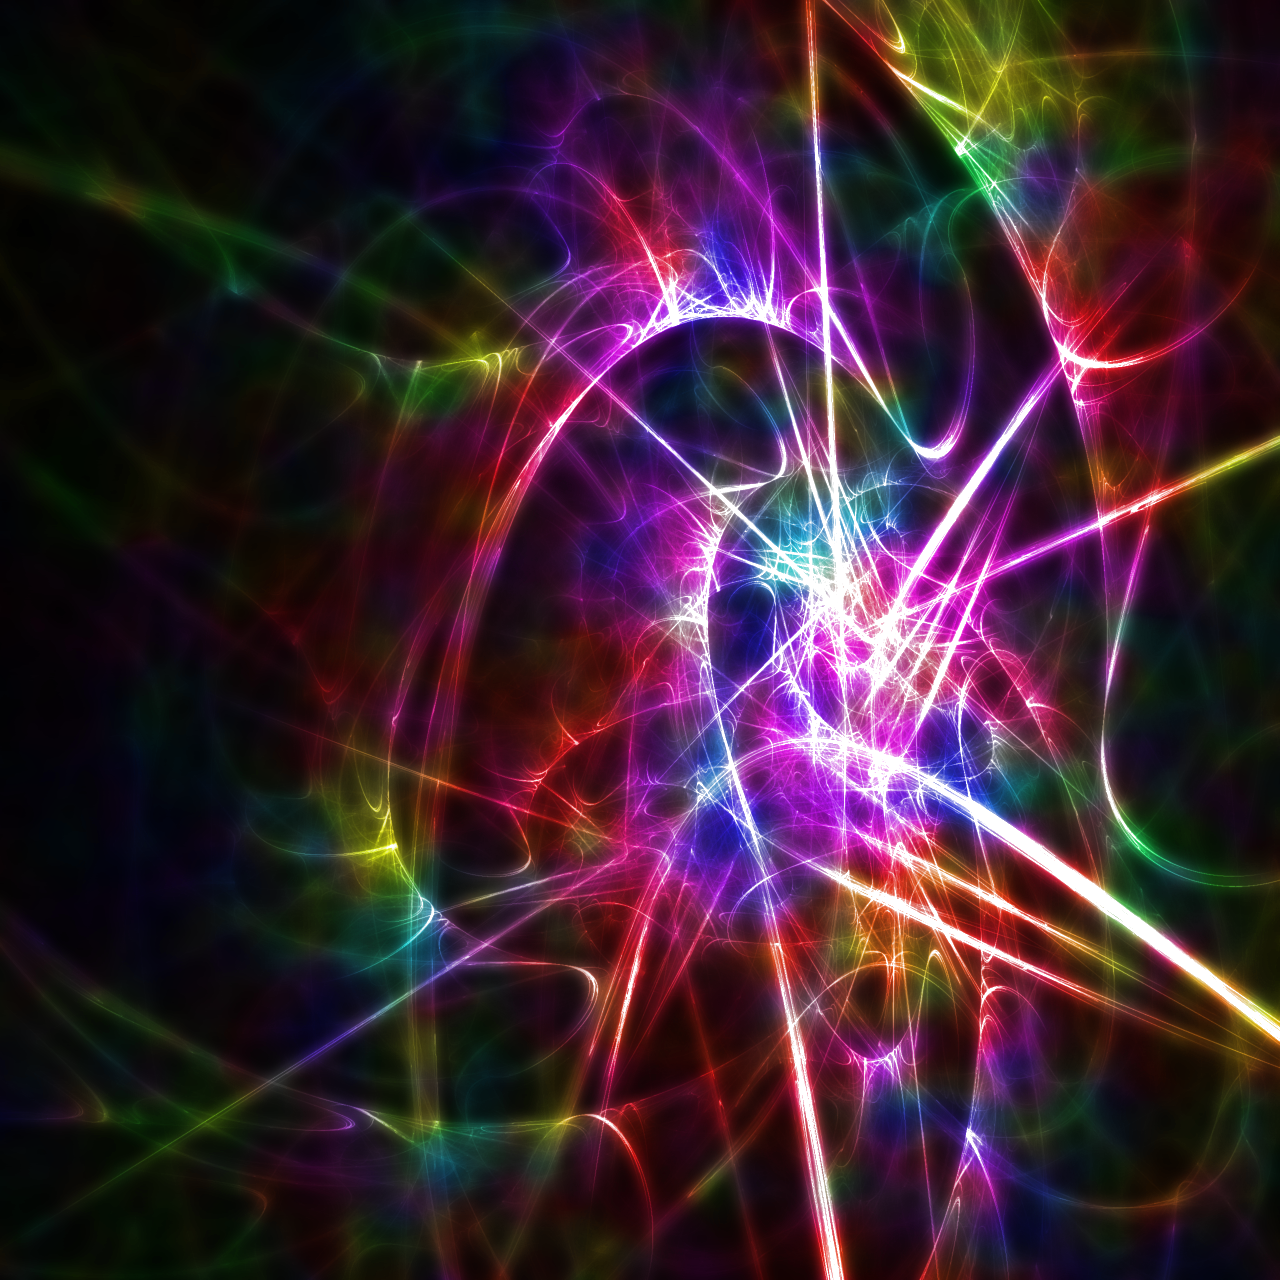 New Glow by huntercobb98